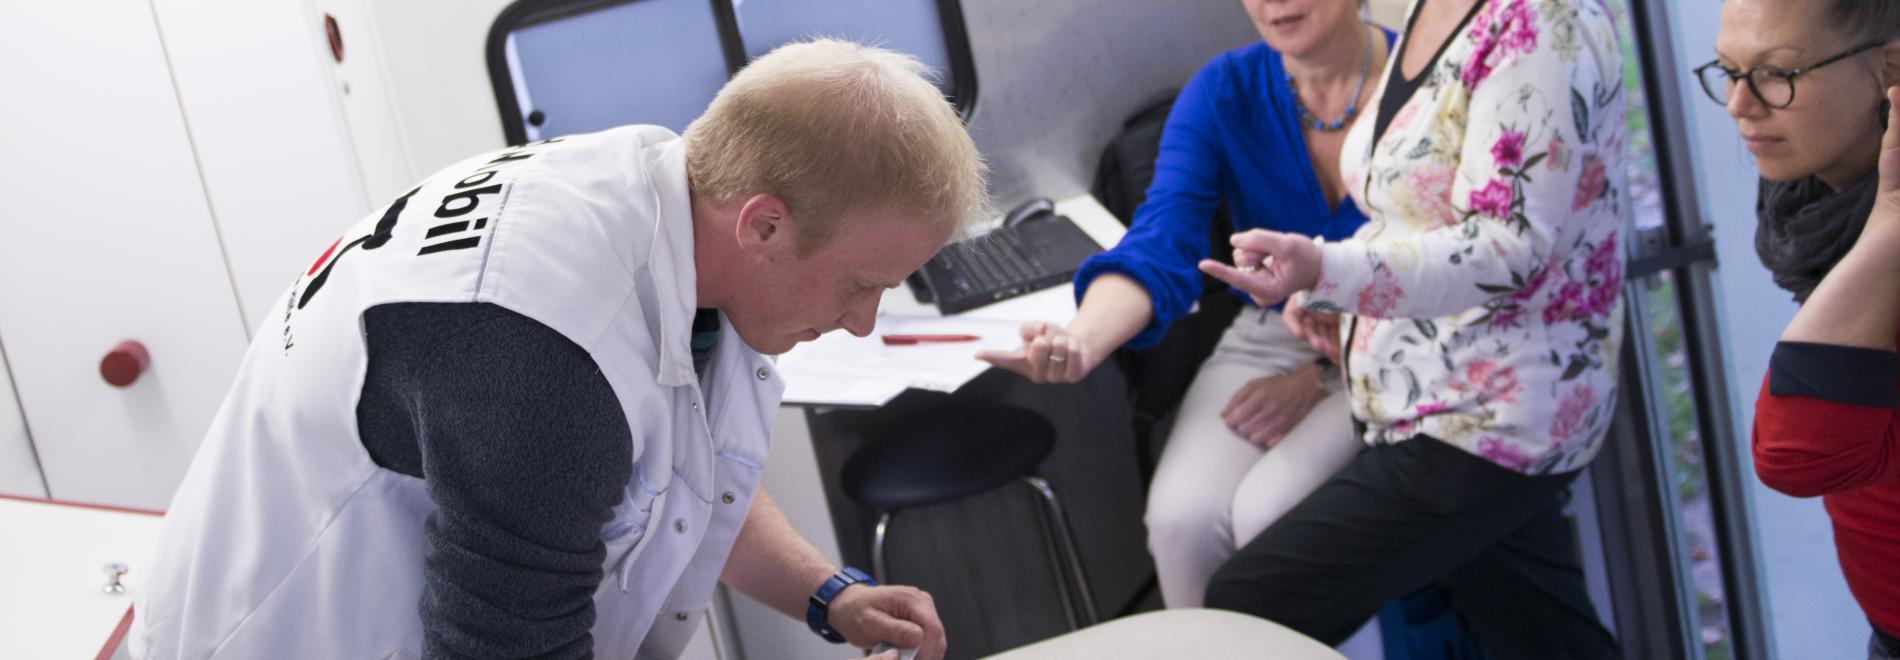 Projektrefrent Jakob Reineke bei der Arbeit im MedMobil. Foto: Ärzte der Welt